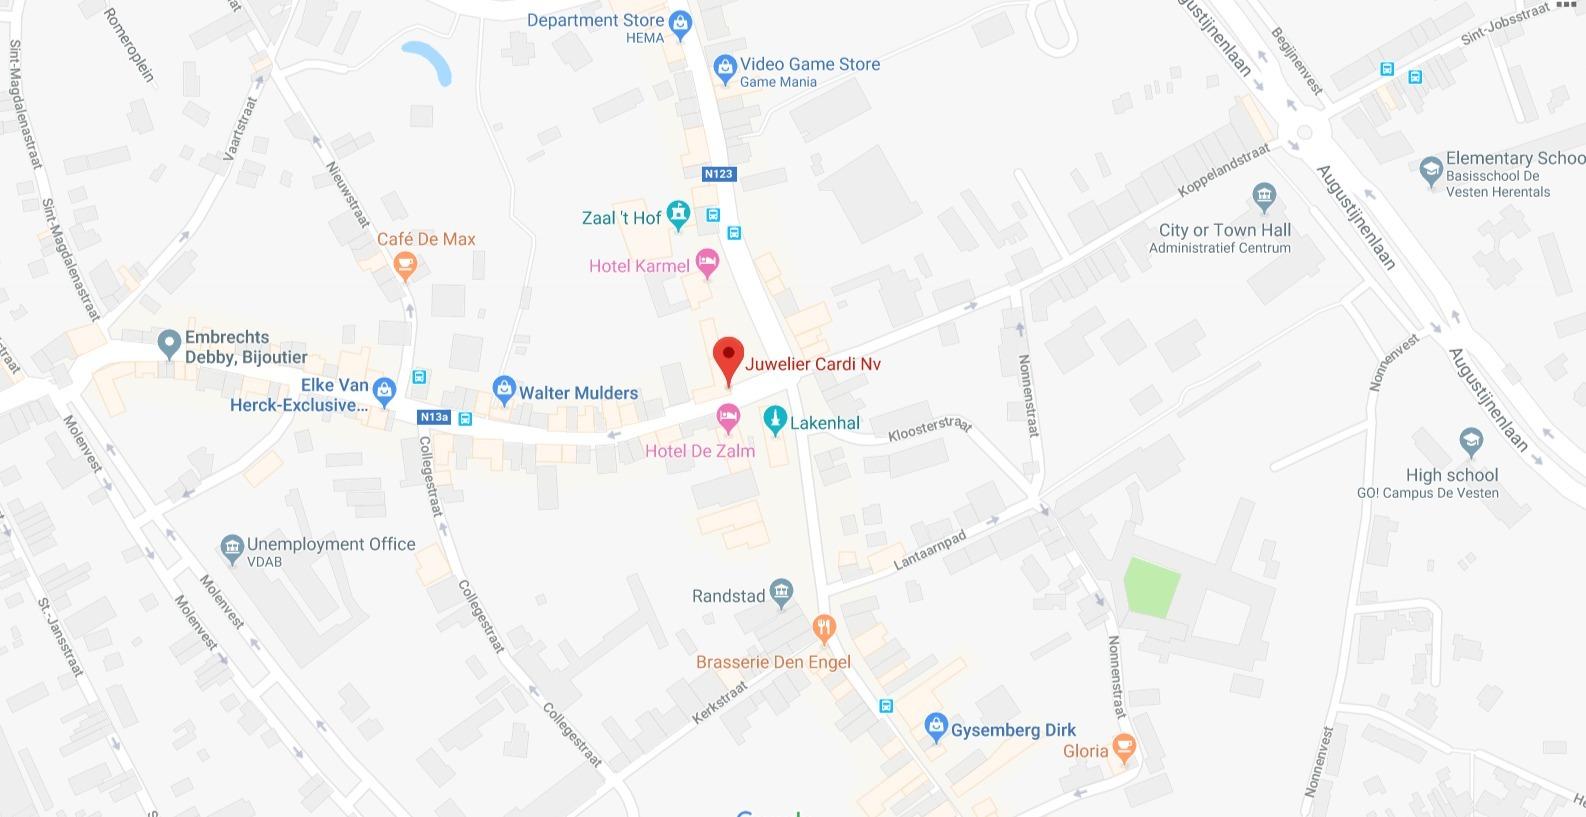 Juwelier Cardi Nv Google Maps